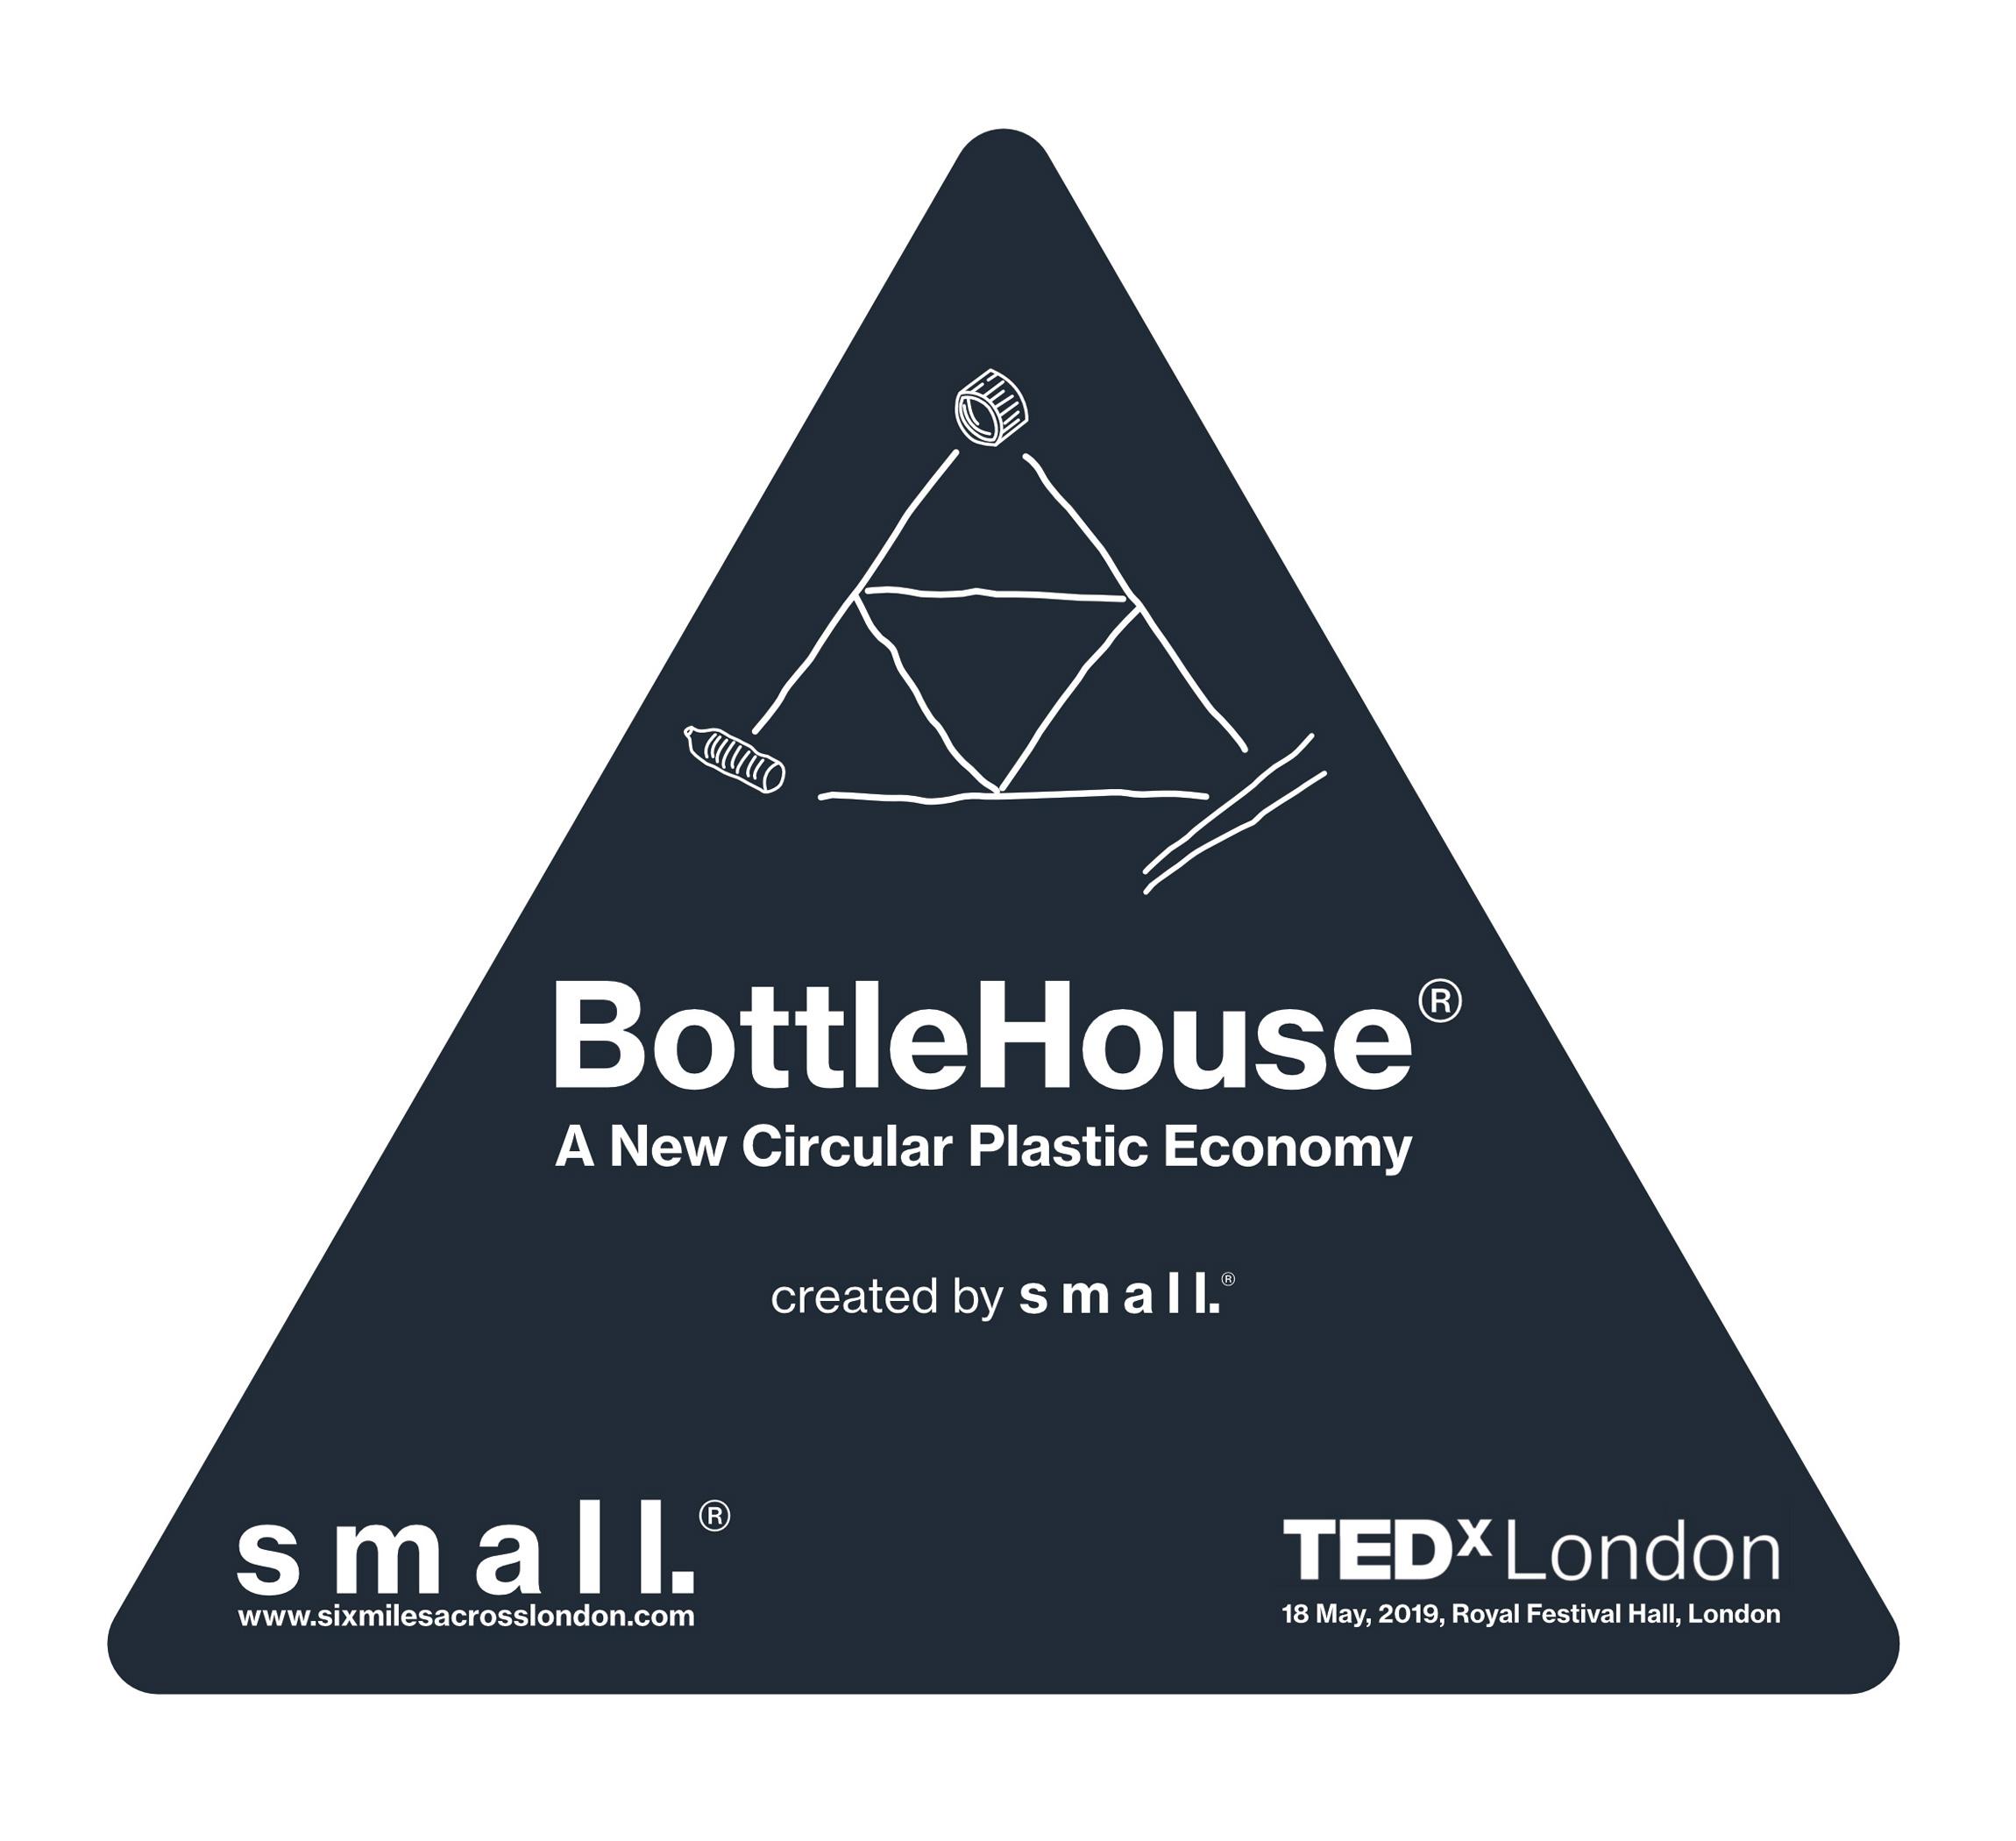 Beer_mats_03_TEDx.jpg